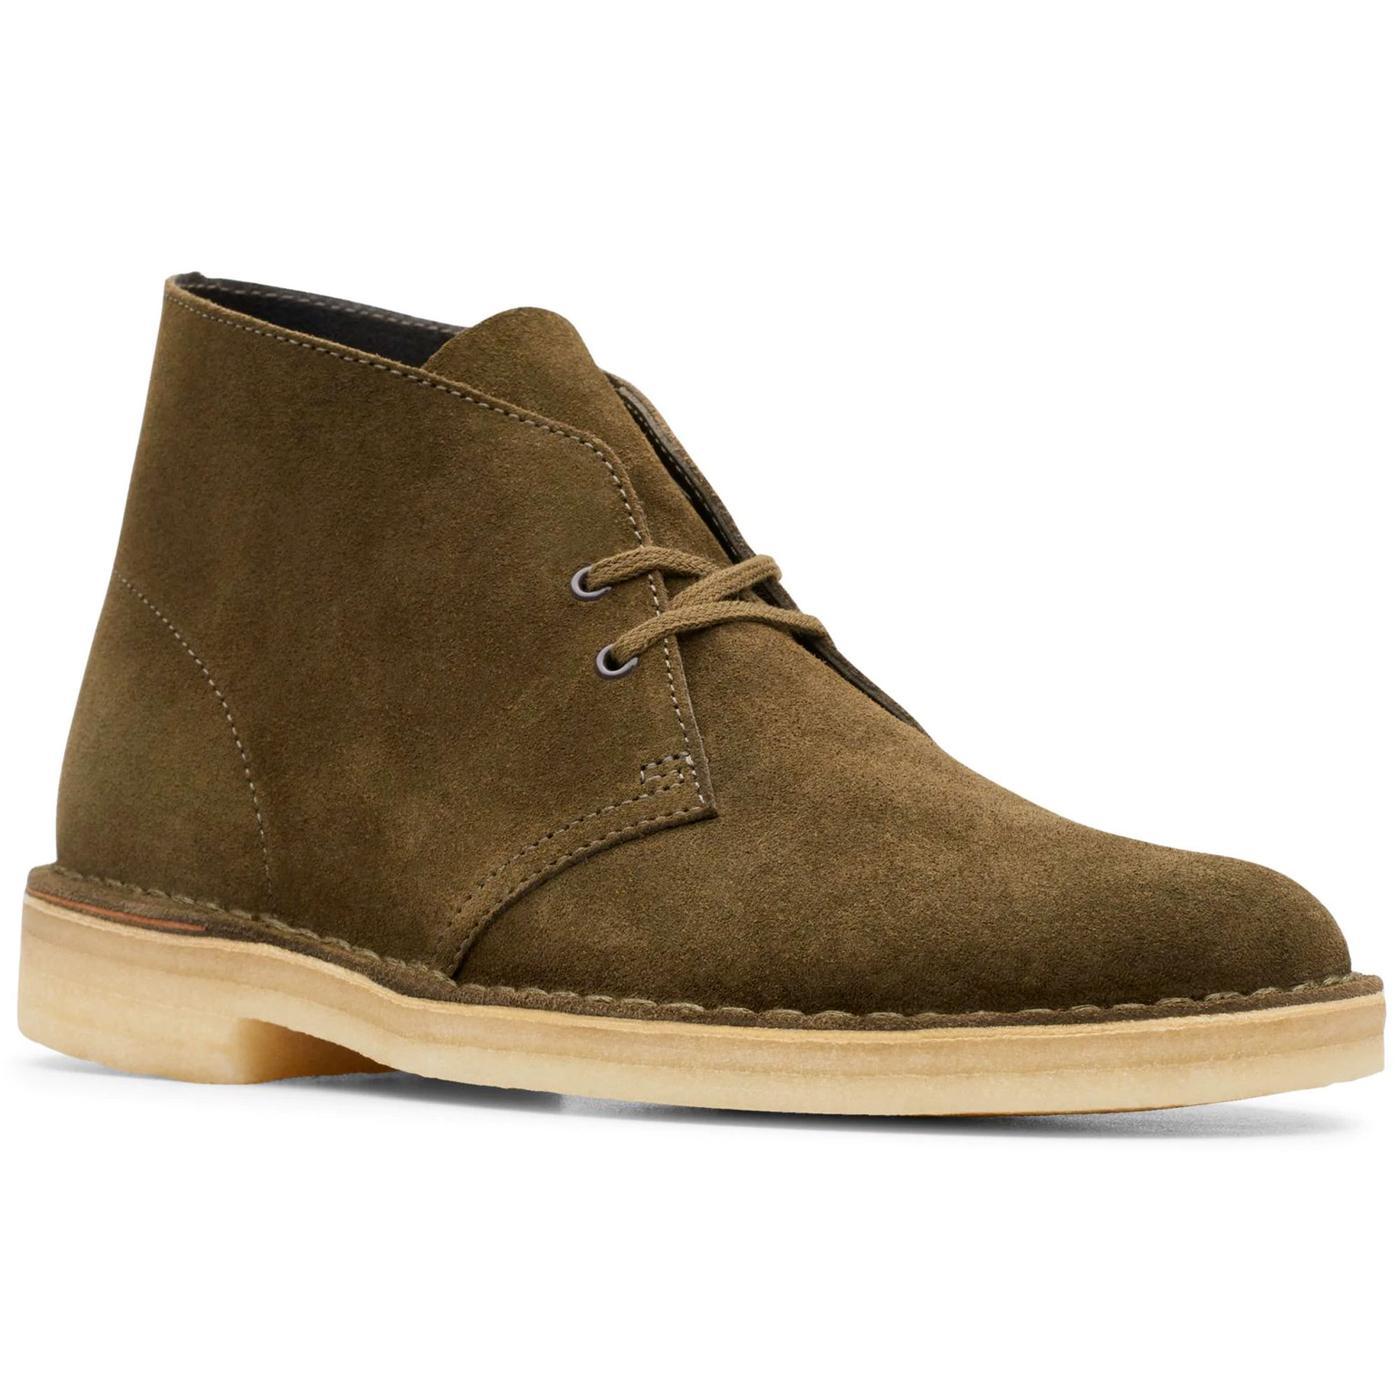 CLARKS ORIGINALS Women's Suede Desert Boots (DO)